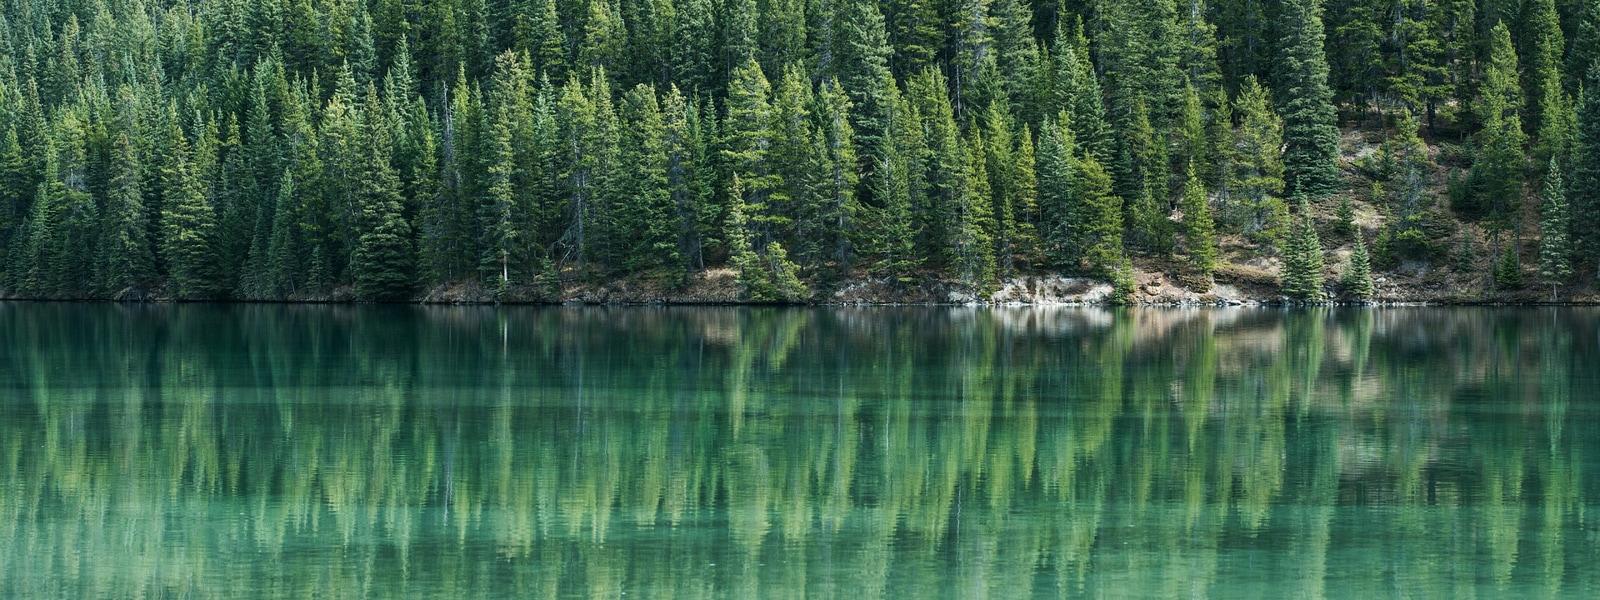 Ein grüner See umsäumt von Bäumen.